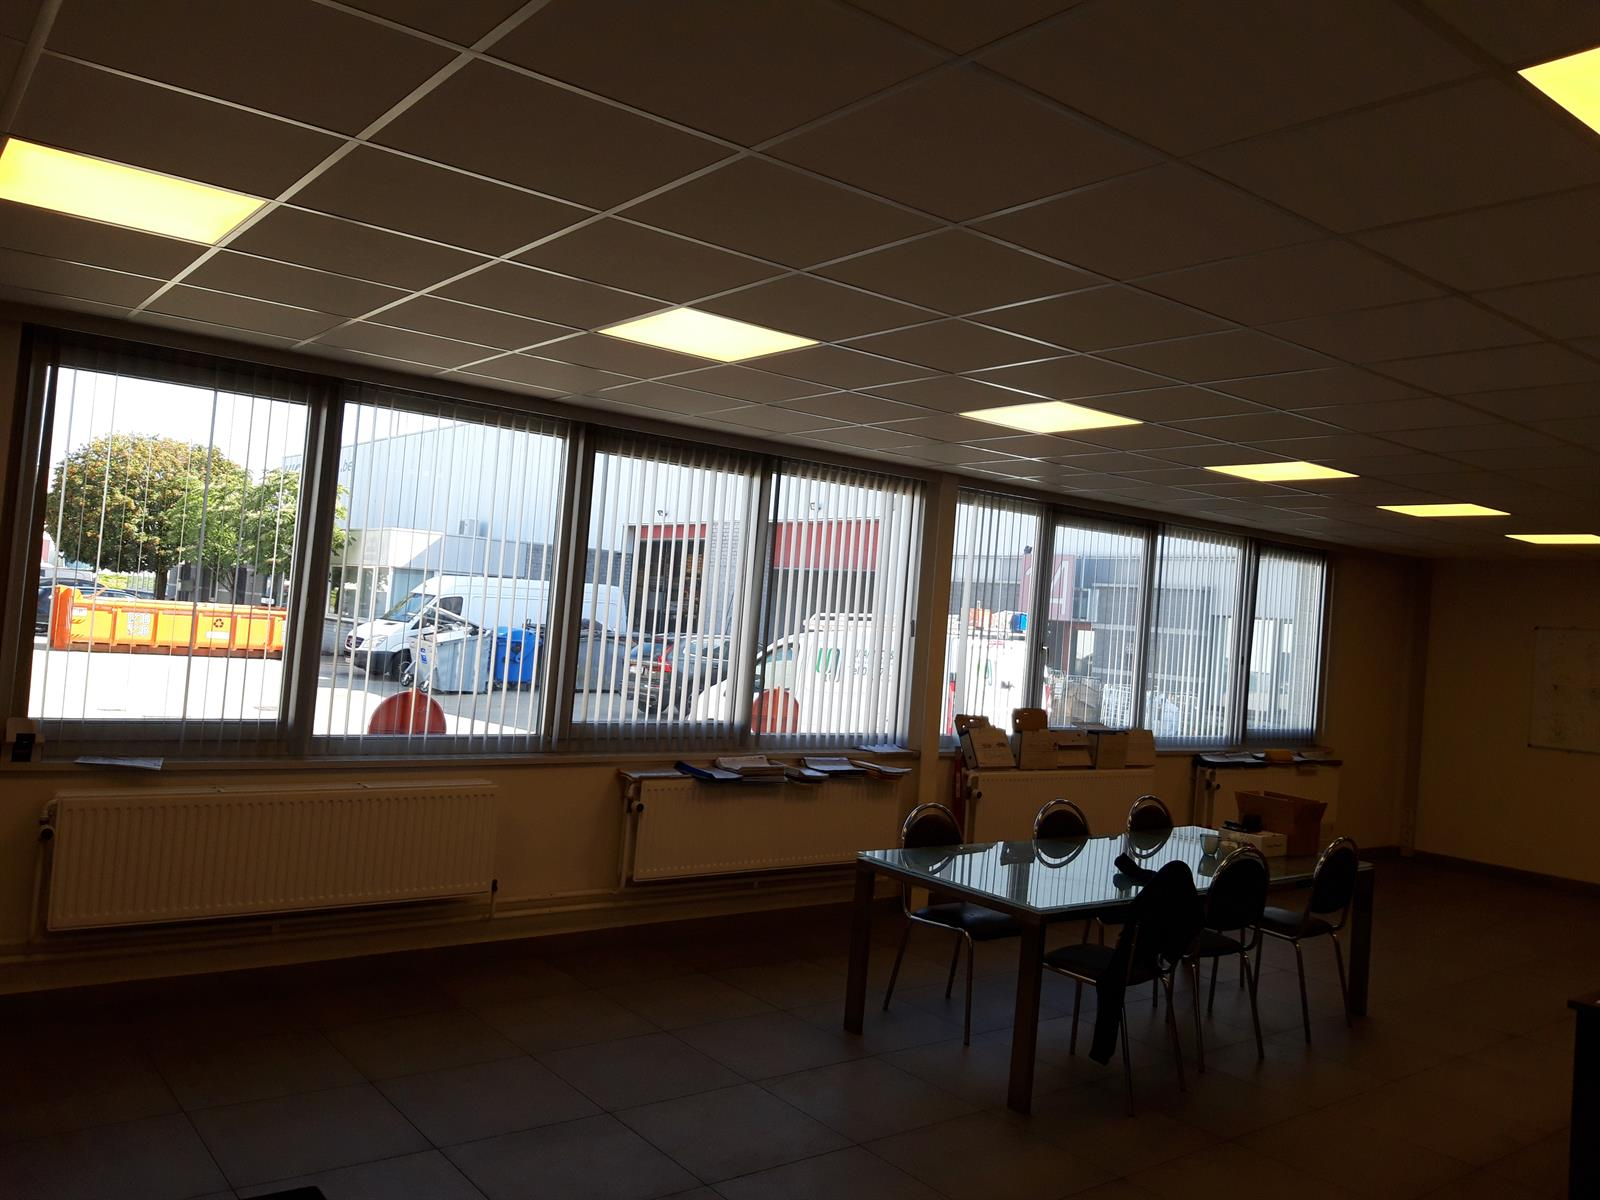 kantoren & magazijn te koop OUDEBAAN 71 WILRIJK - Oudebaan 71, 2610 Antwerpen Wilrijk, België 9